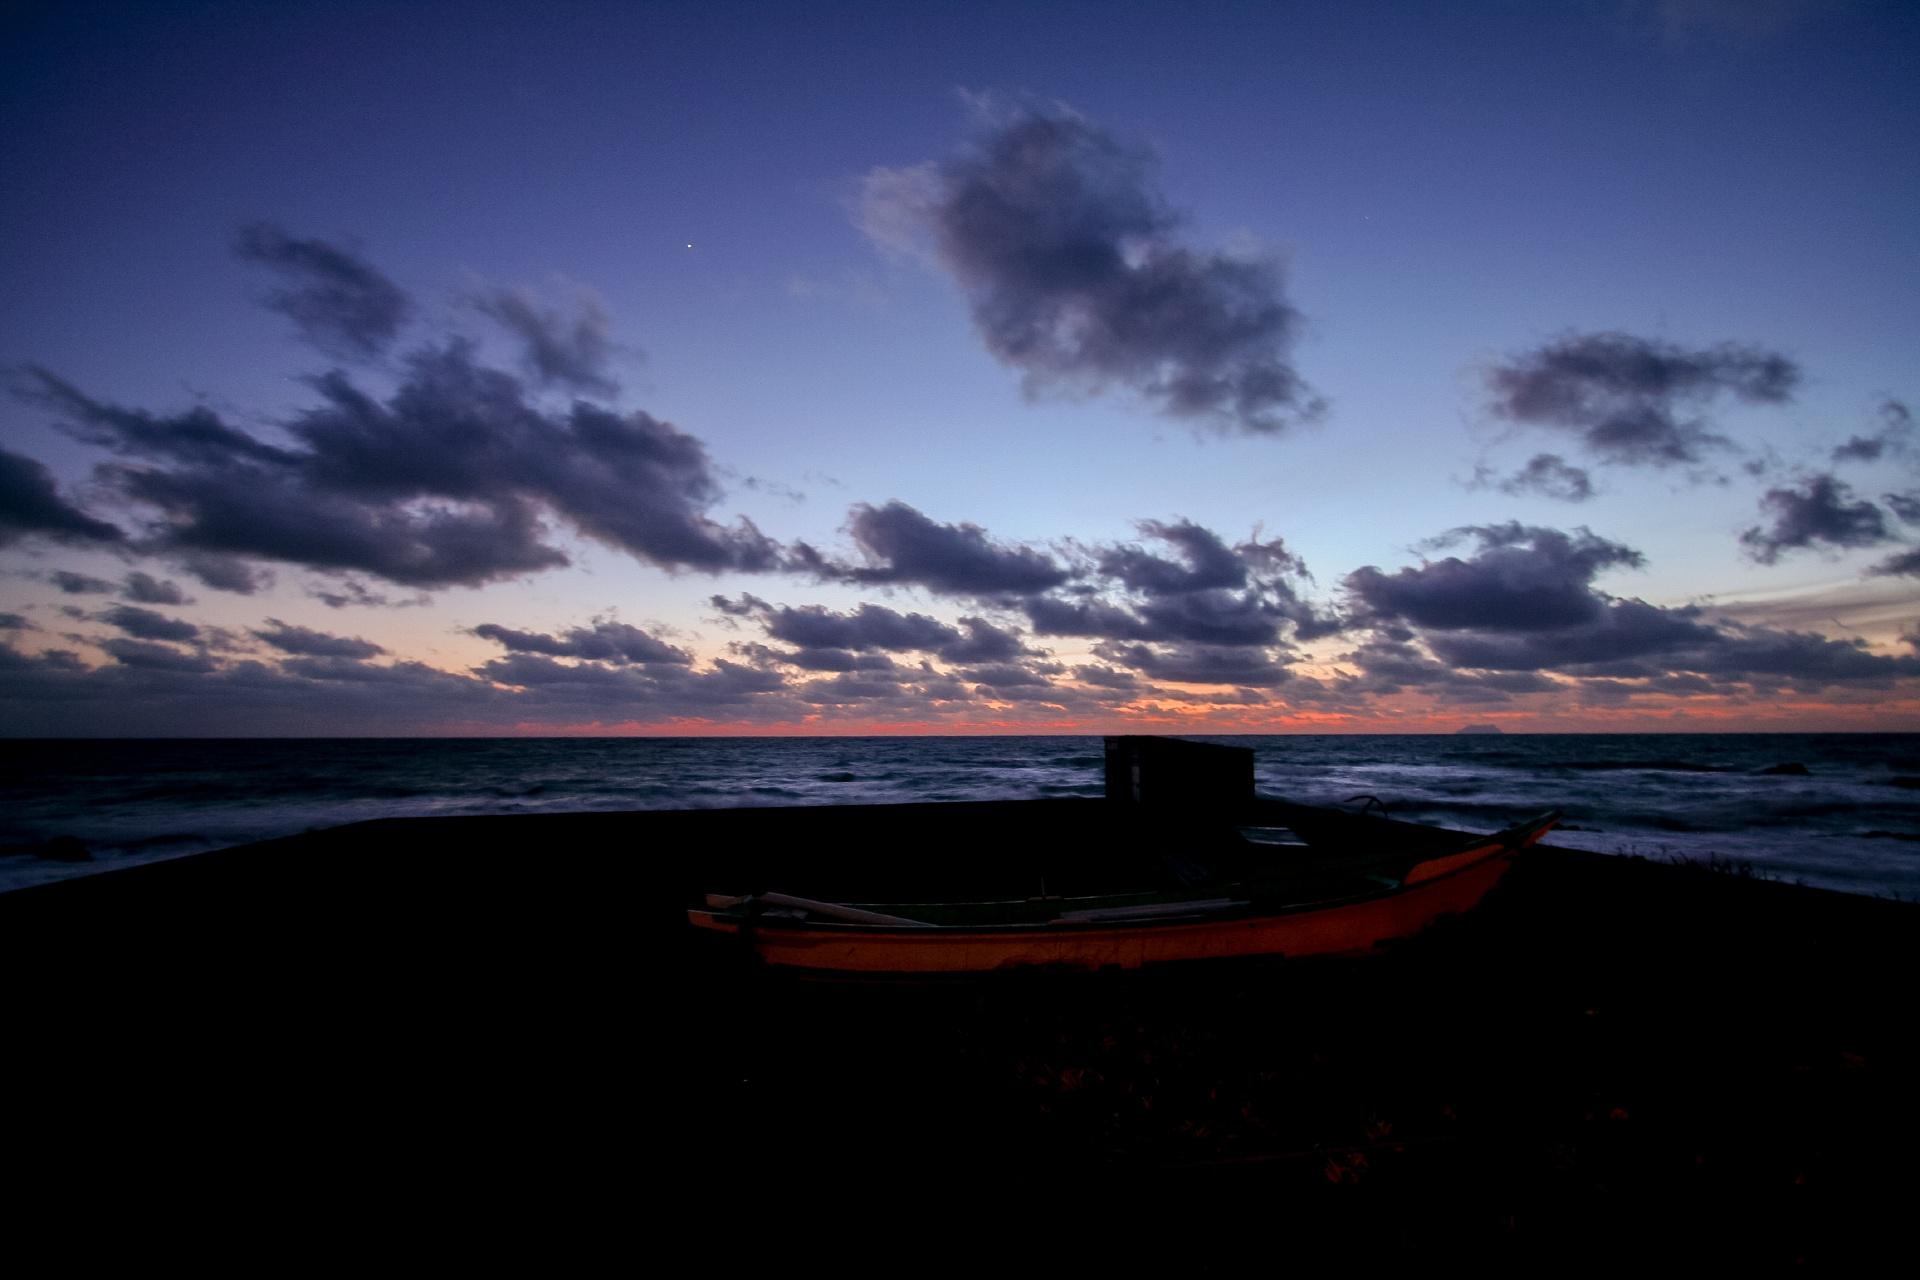 夕暮れの海 北海道の風景